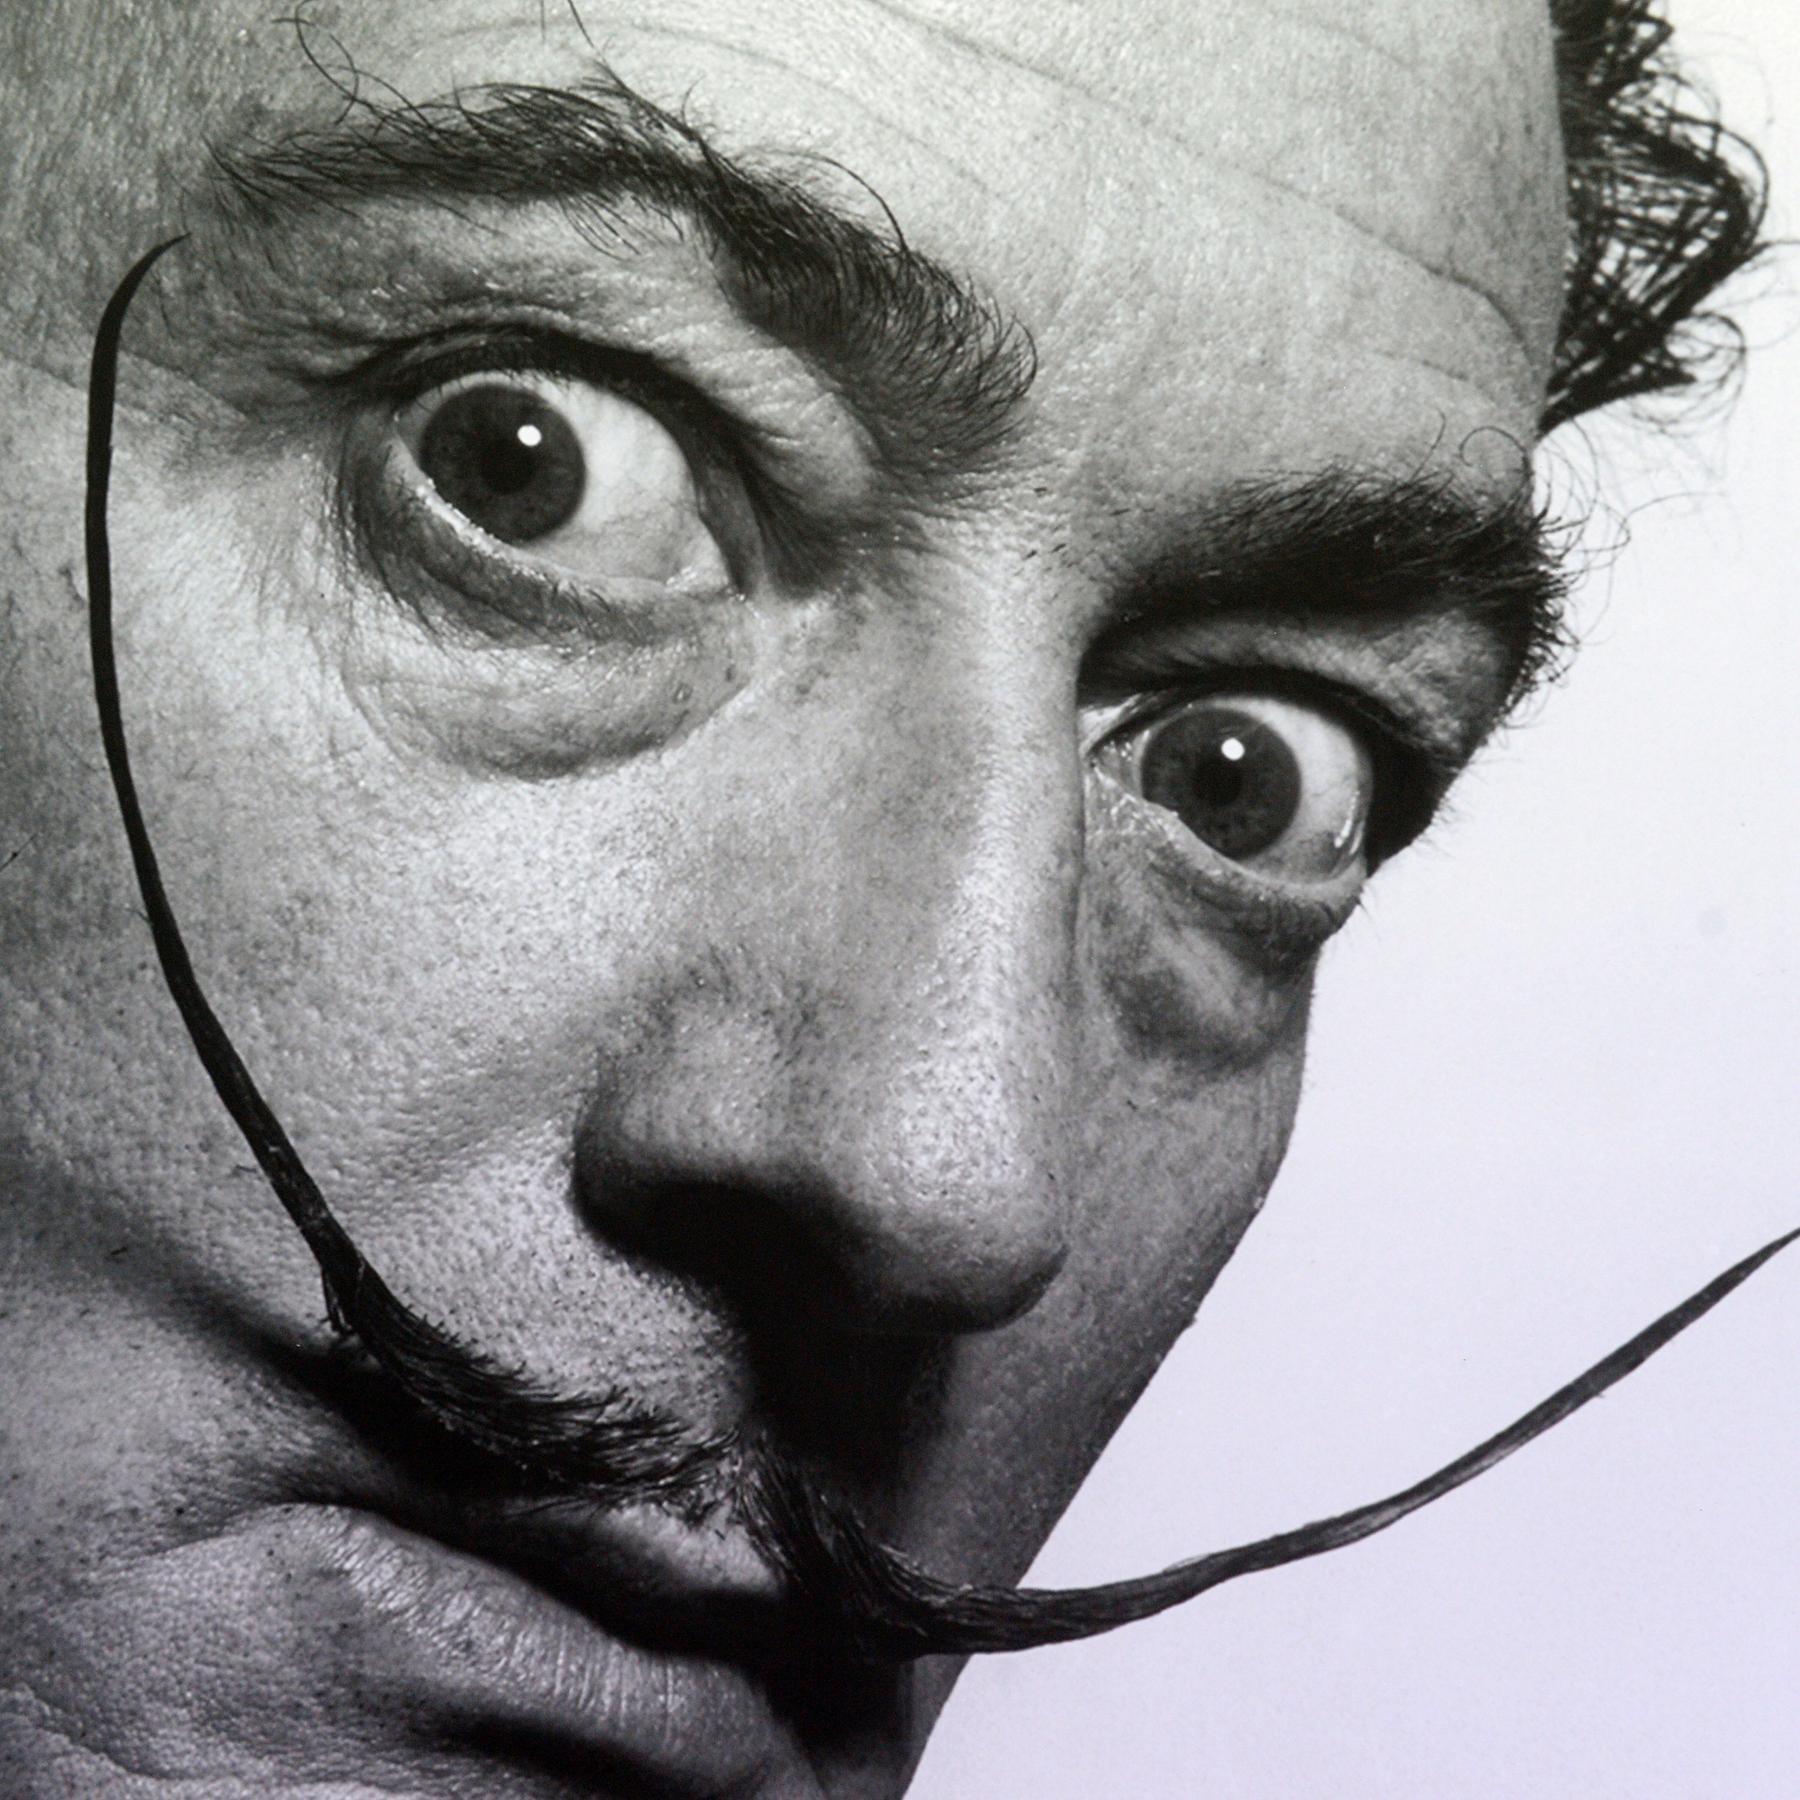 Salvador Dalí - Künstler und Provokateur